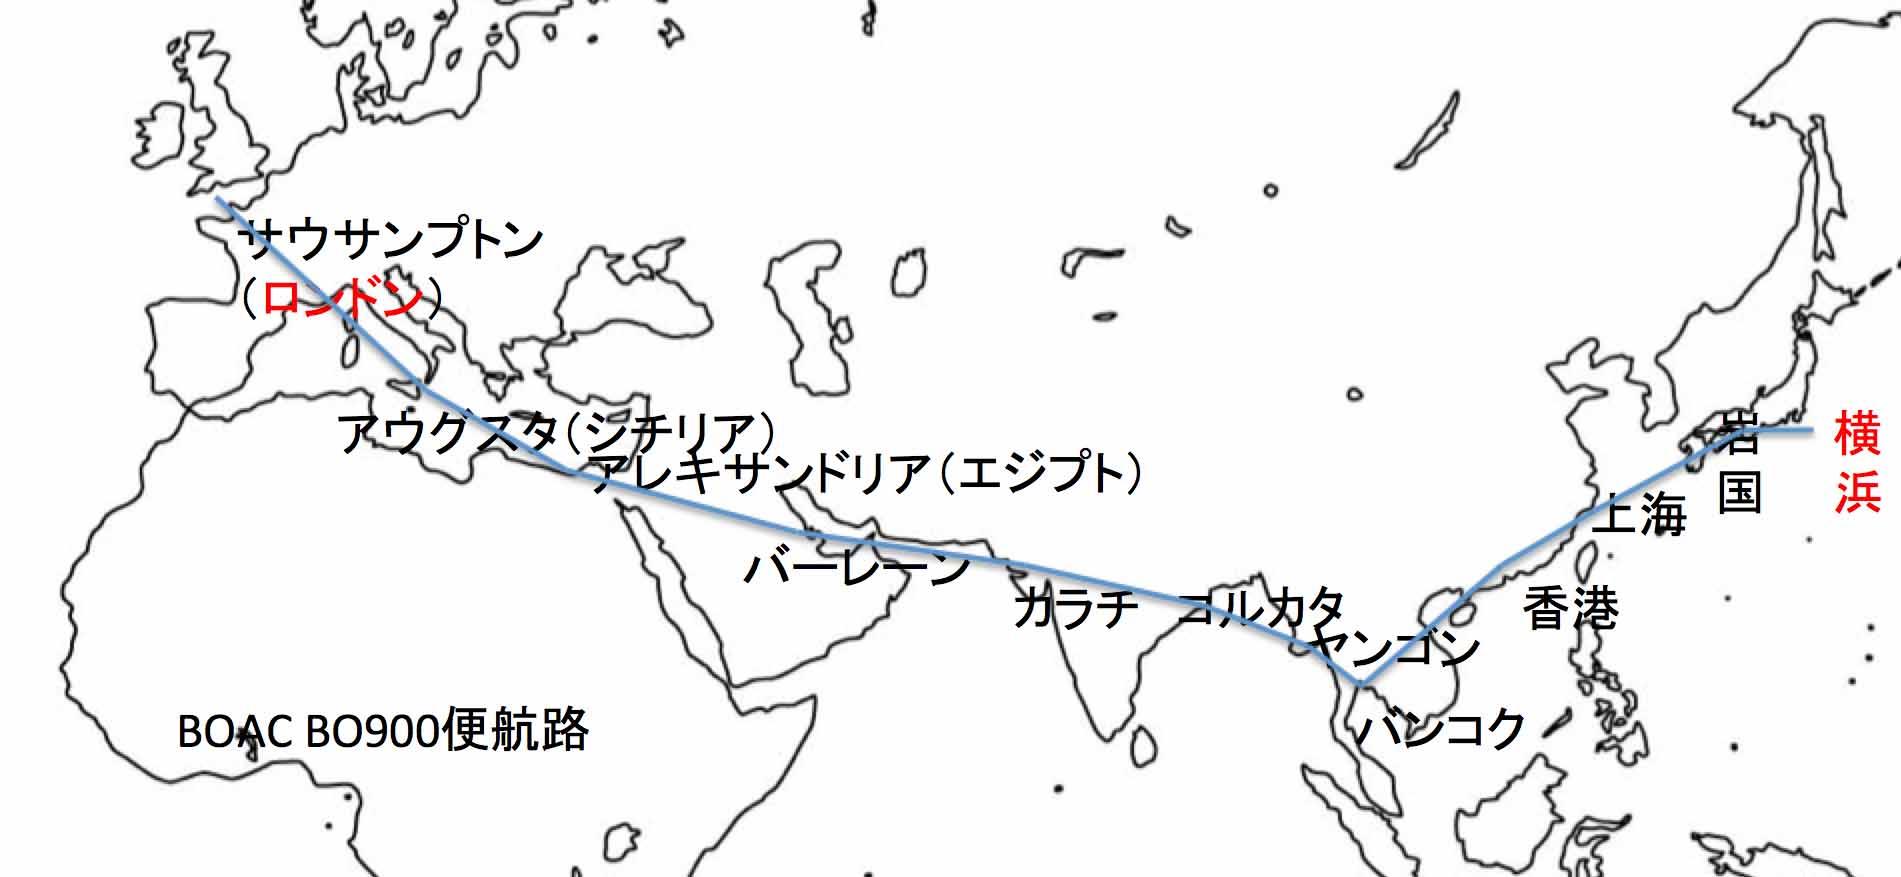 BOAC900便の航路図